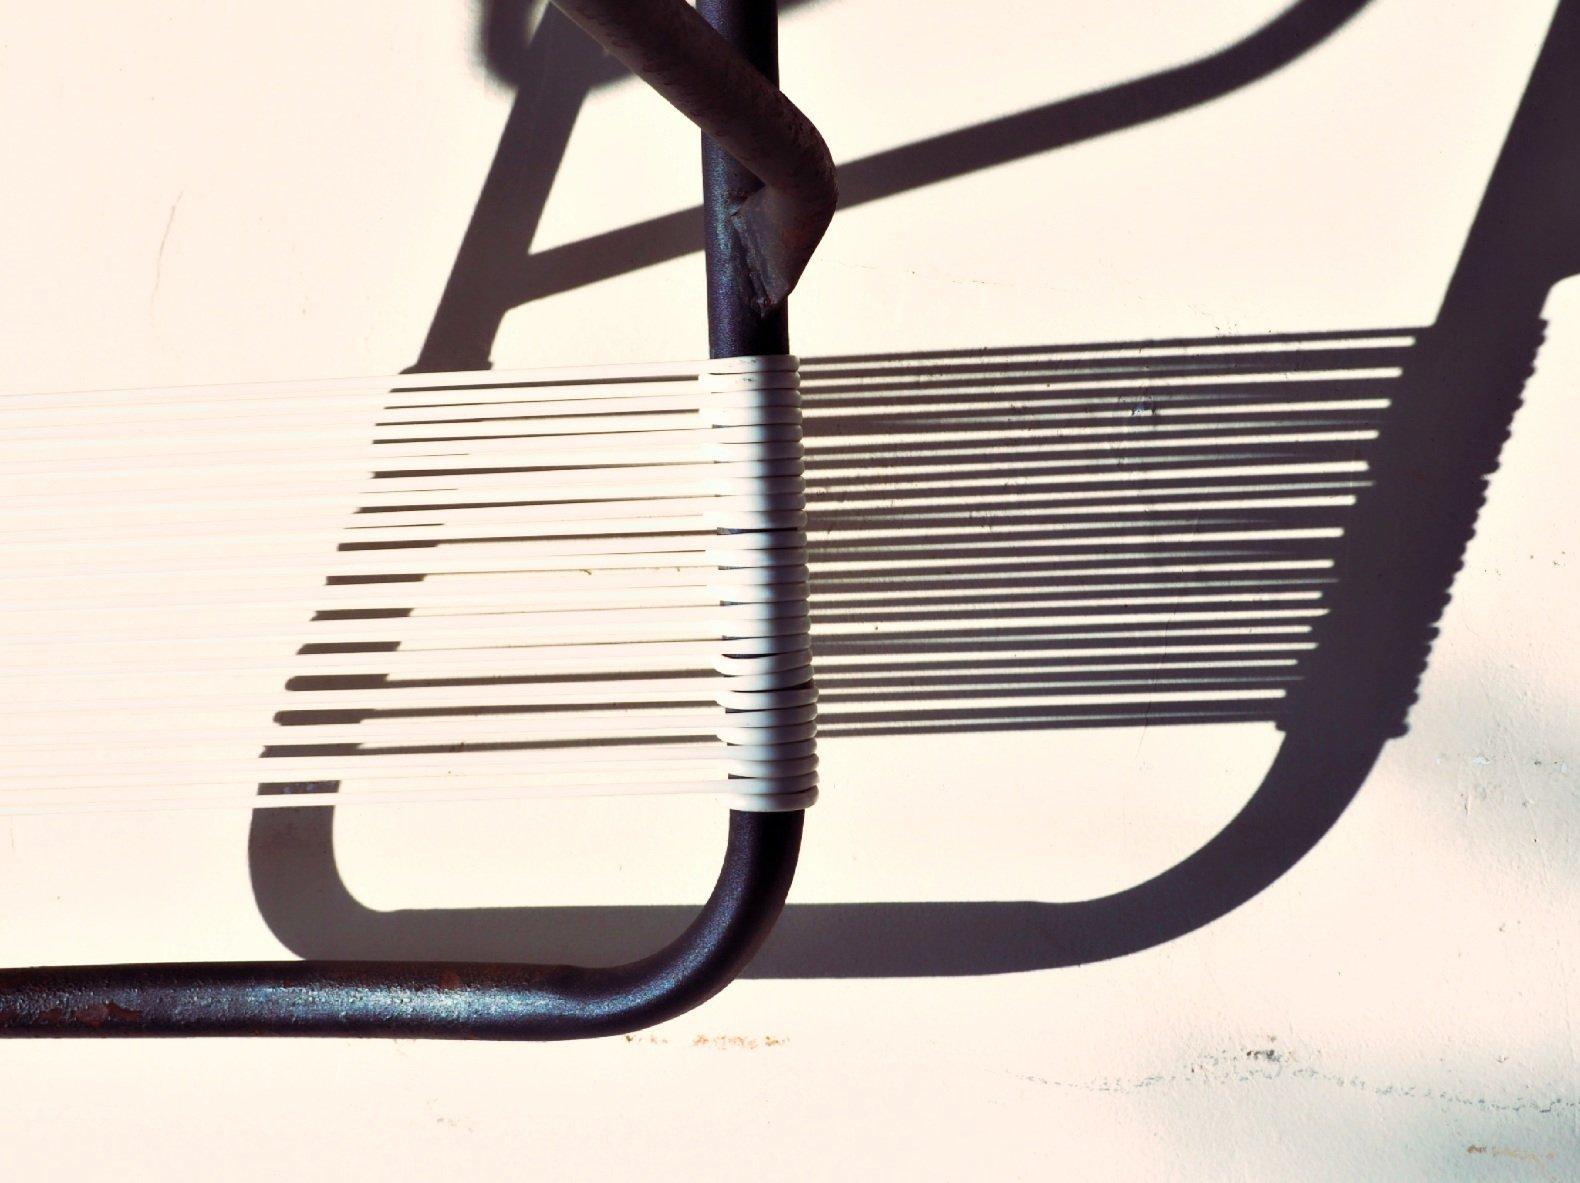 AuBergewohnlich Hintergrundbilder : Malerei, Mauer, Sessel, Metall, Linien, Kunststoff,  Olymp, KUNST, Schwarz Und Weiß, Schatten, Flickr, Künstlerisch, Schwarz  Weiss, Möbel ...